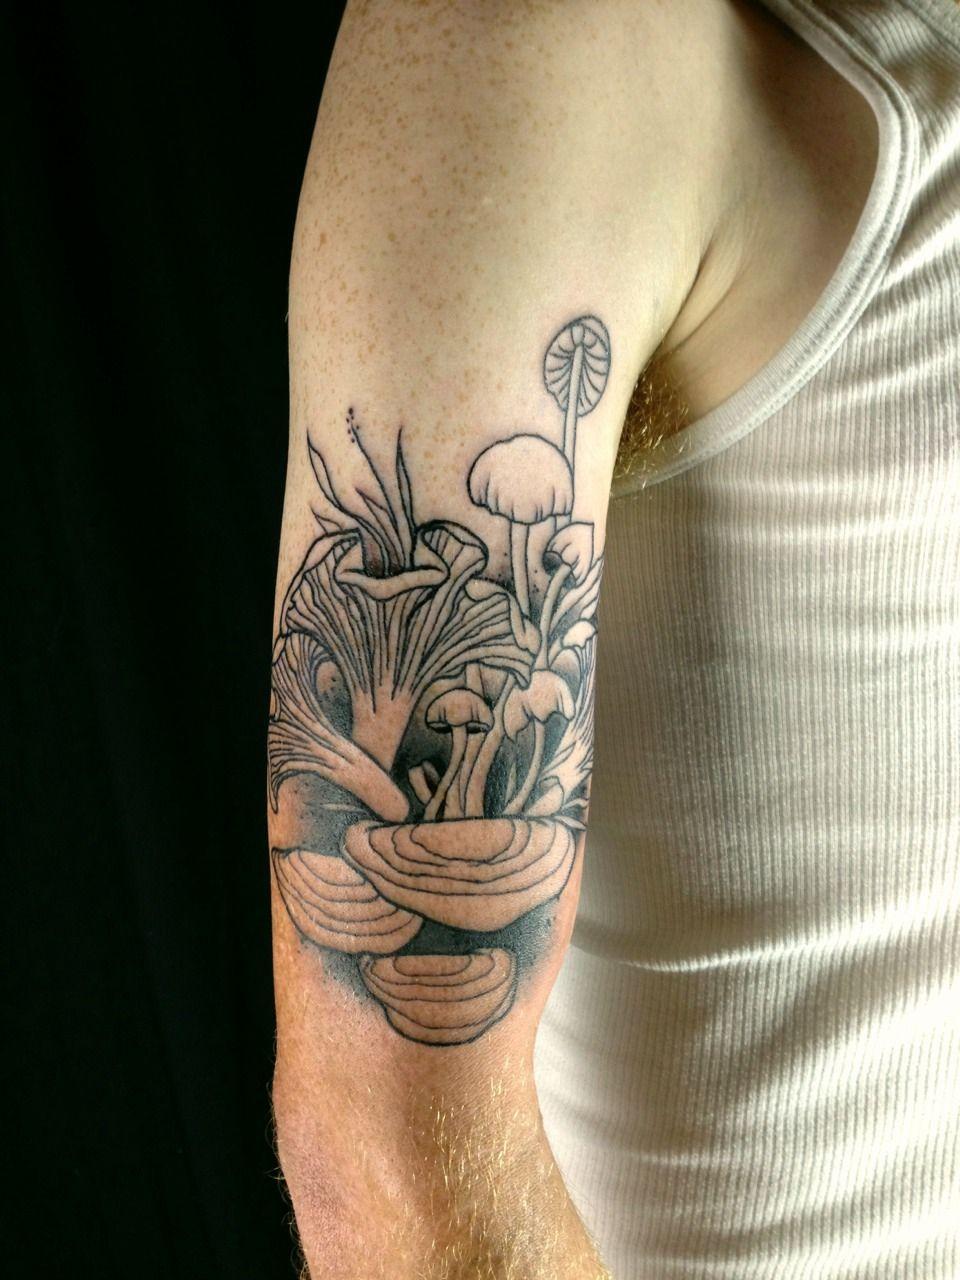 Rock Salt Nails In Progress Mushrooms For Jonah Tattoo